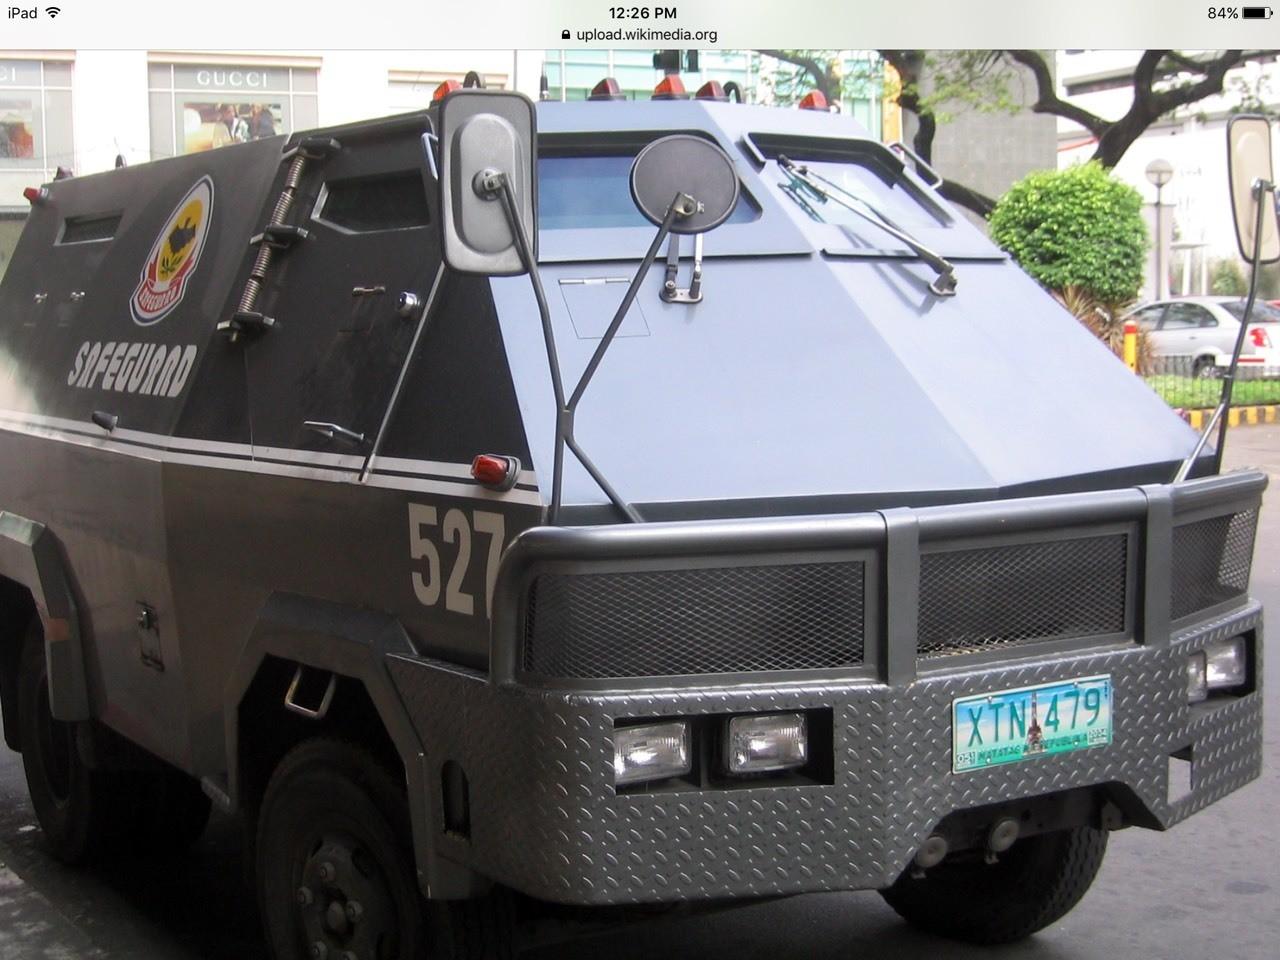 Look an armored car!